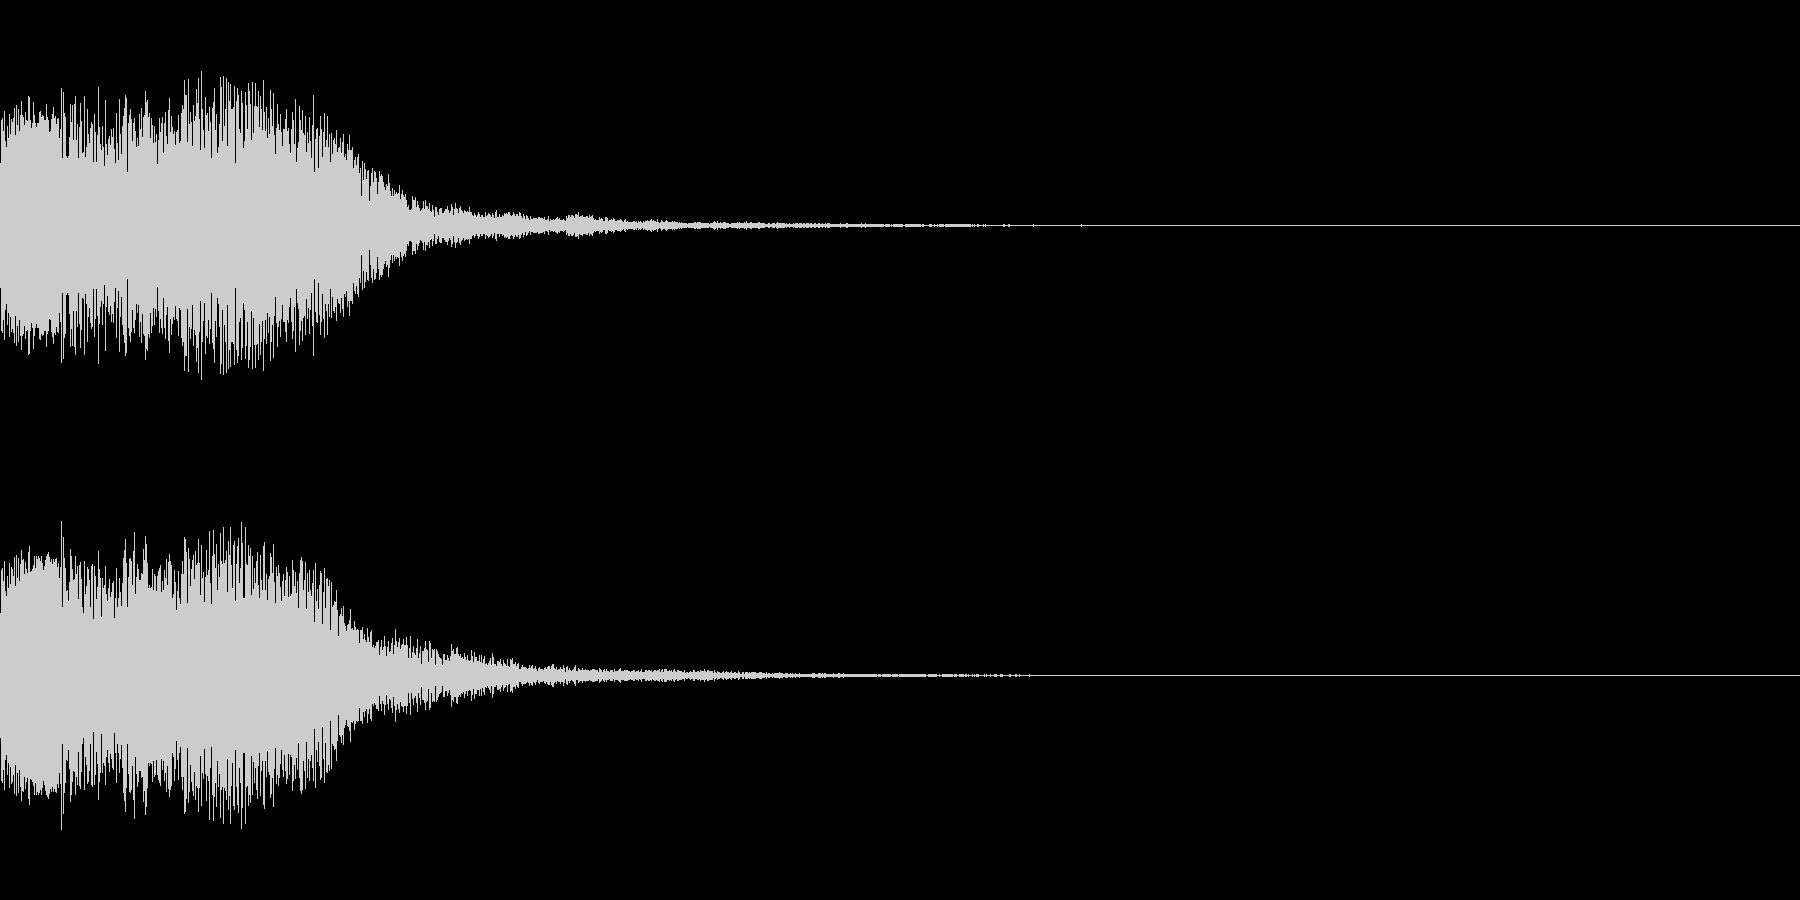 シンセサイザー 決定音ゲームスタート4の未再生の波形